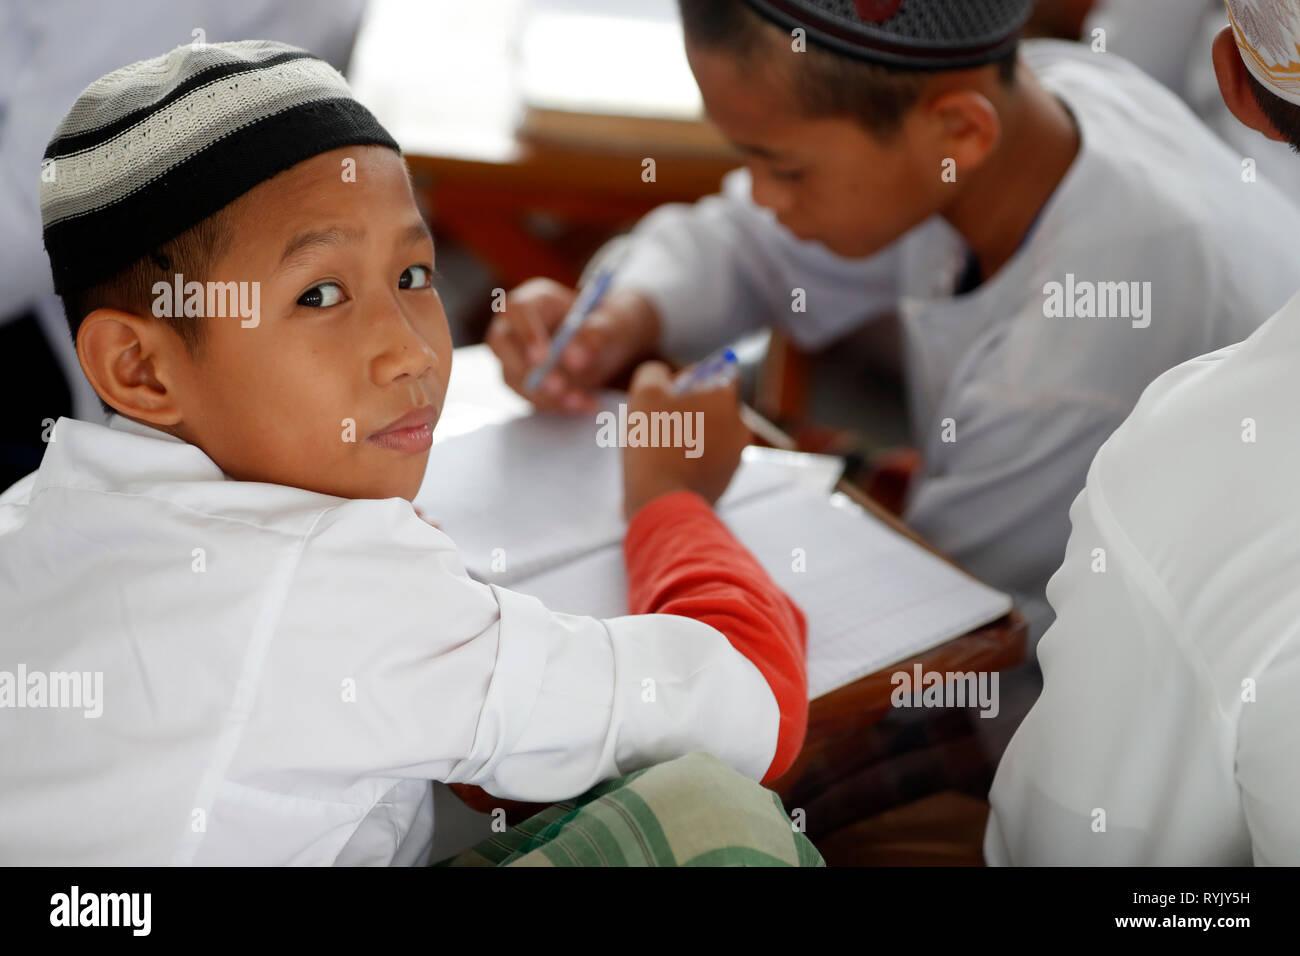 Jamiul Azhar mezquita. Los niños musulmanes estudiar el Corán en una madrassa escuela. Chau Doc. de Vietnam. Imagen De Stock